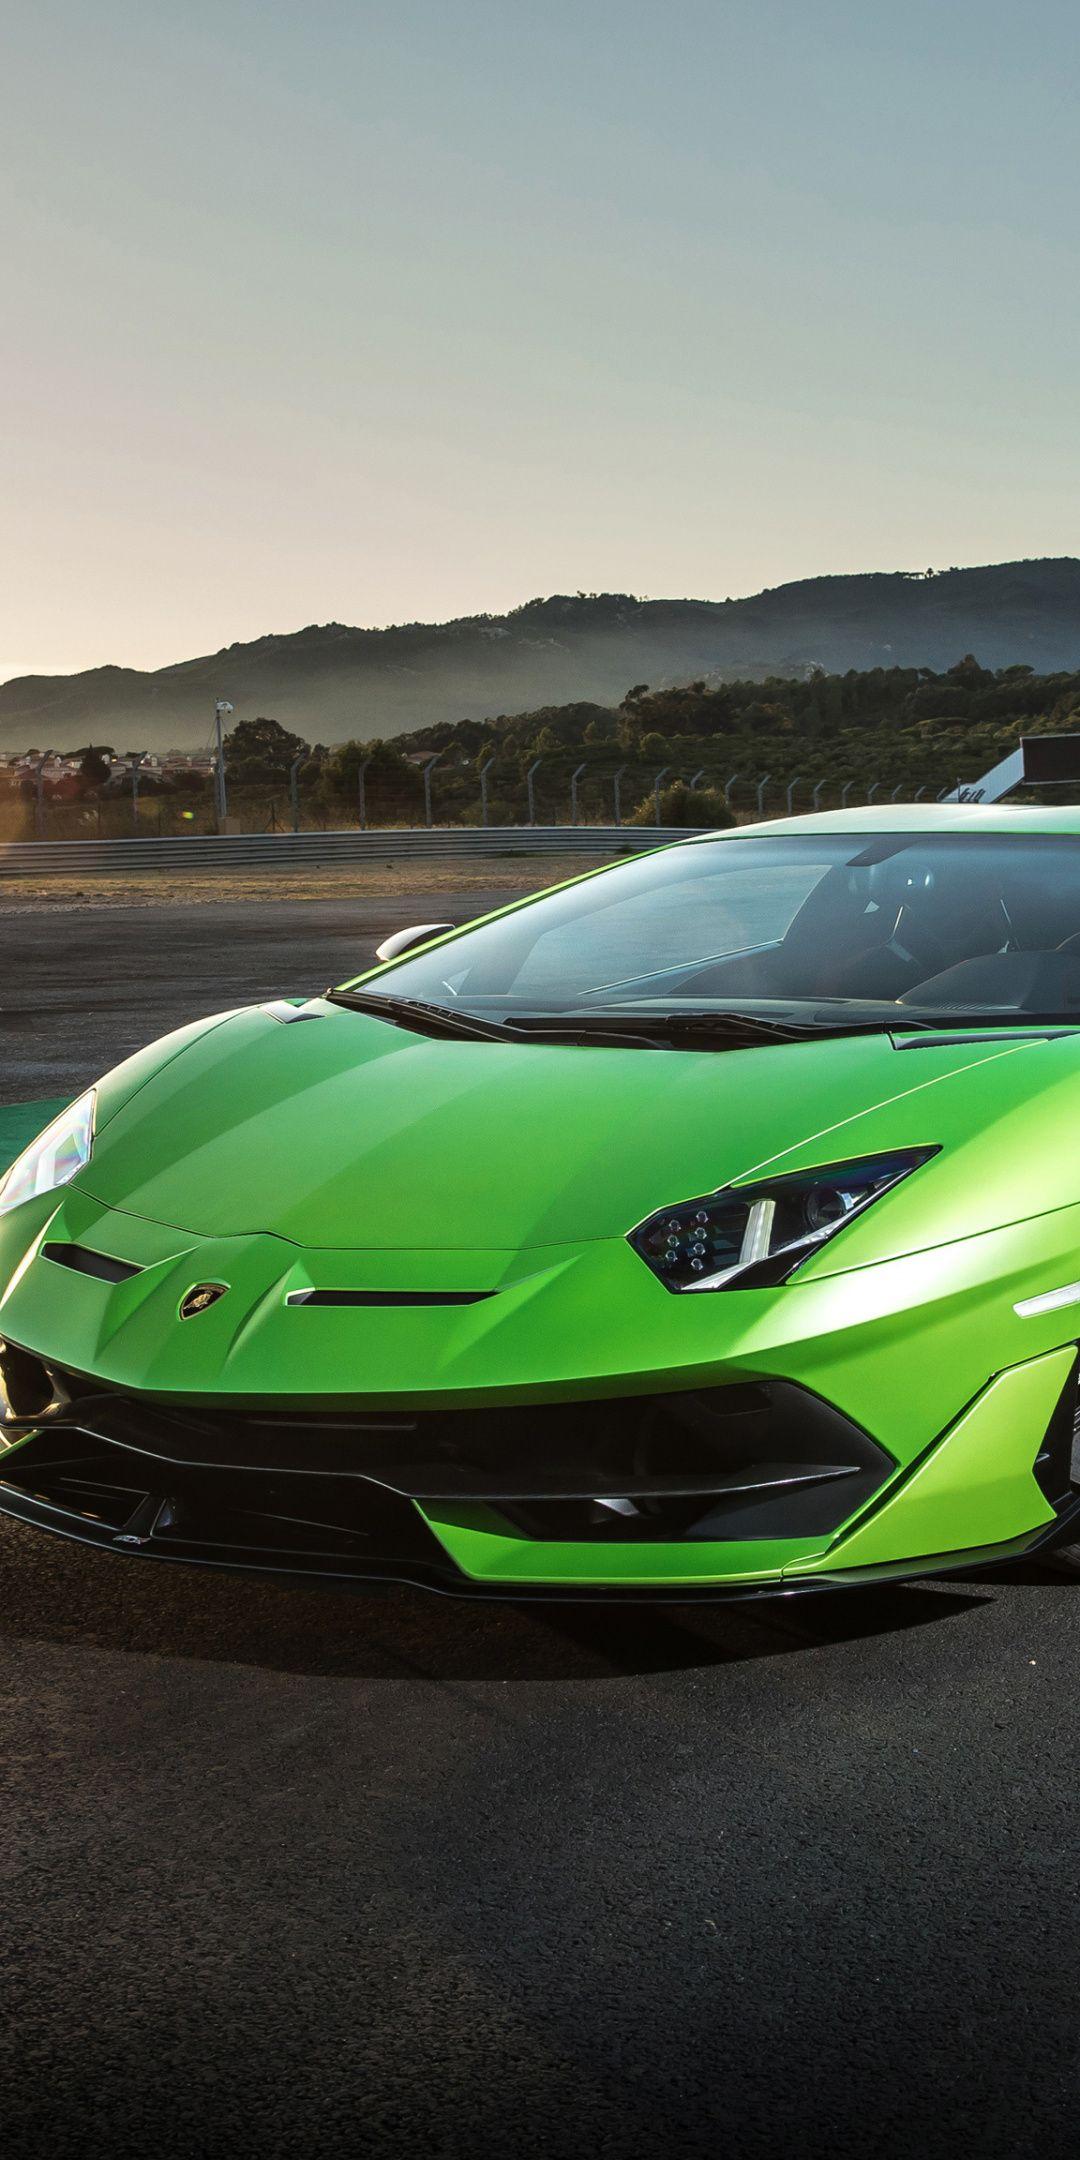 Lamborghini Aventador Svj Green Sports Car 2018 1080x2160 Wallpaper Sports Car Wallpaper Super Cars Lamborghini Aventador